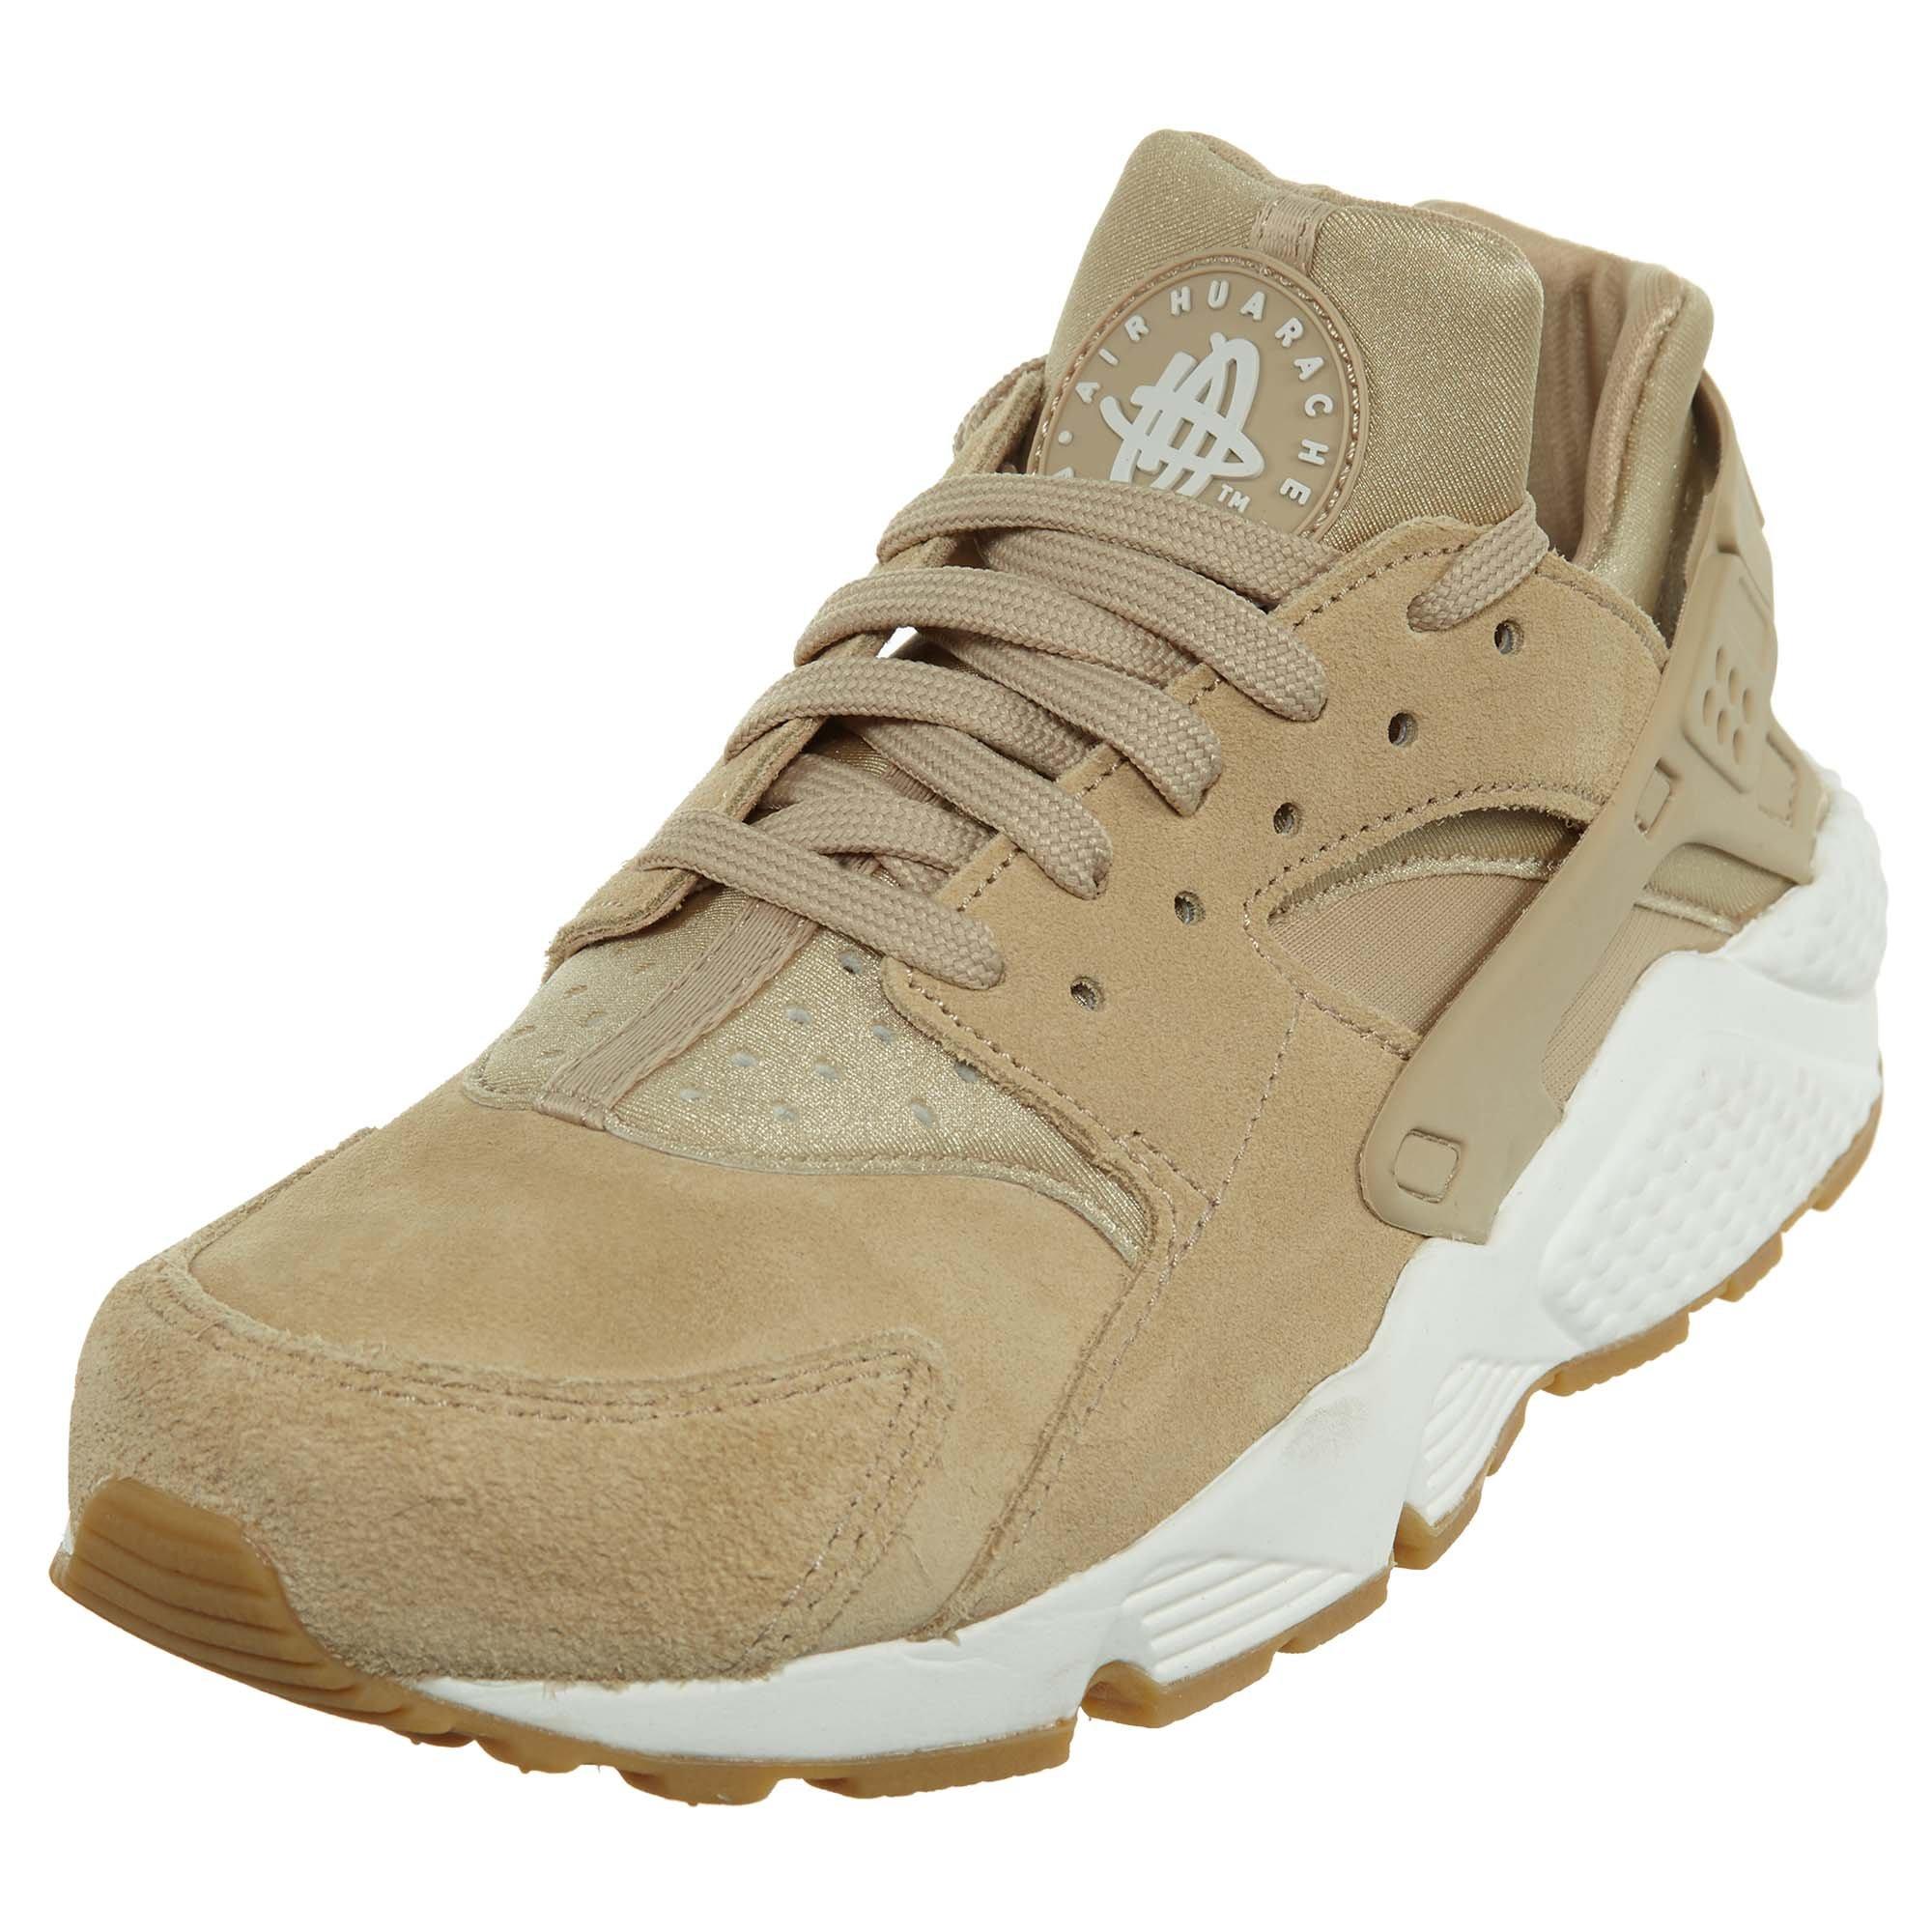 Nike Air Huarache Run SD Womens Style: AA0524-200 Size: 8.5 M US